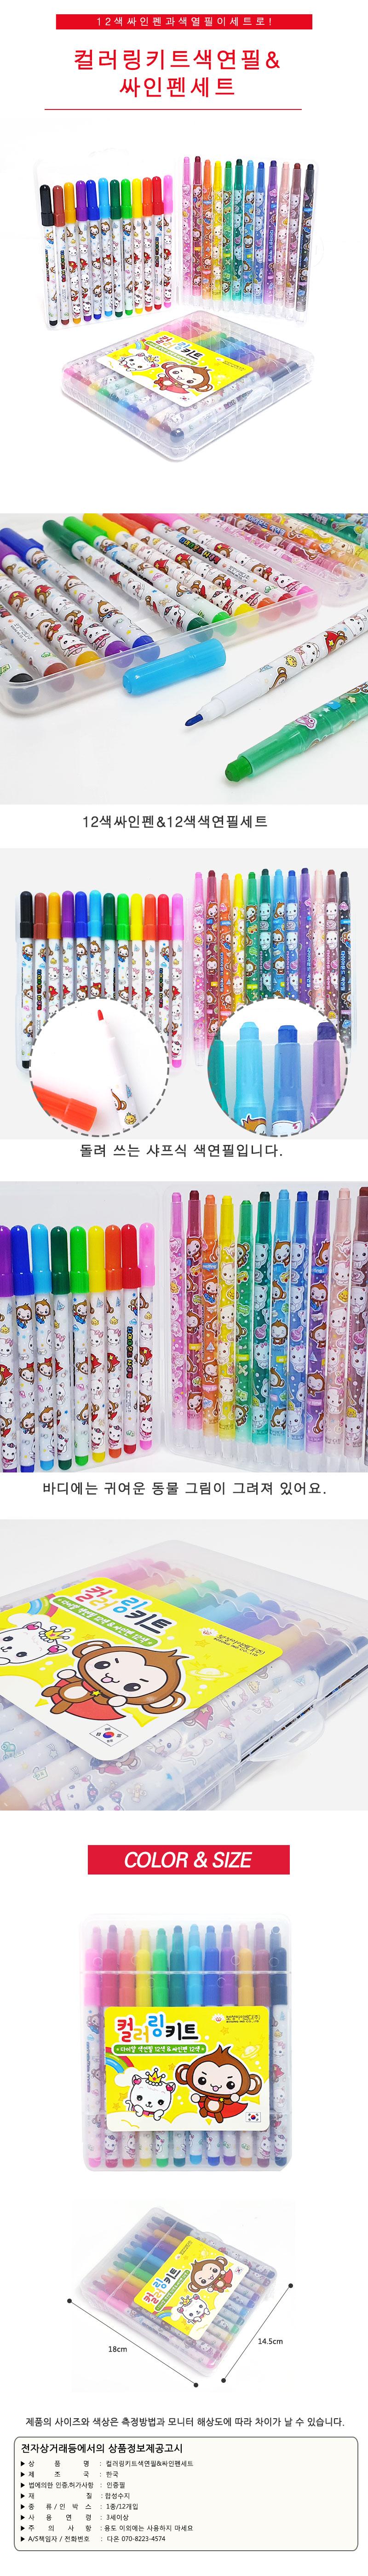 4720 컬러링키트12색색연필&12색싸인펜세트 - 아토, 6,000원, 색연필/사인펜/크레파스, 색연필